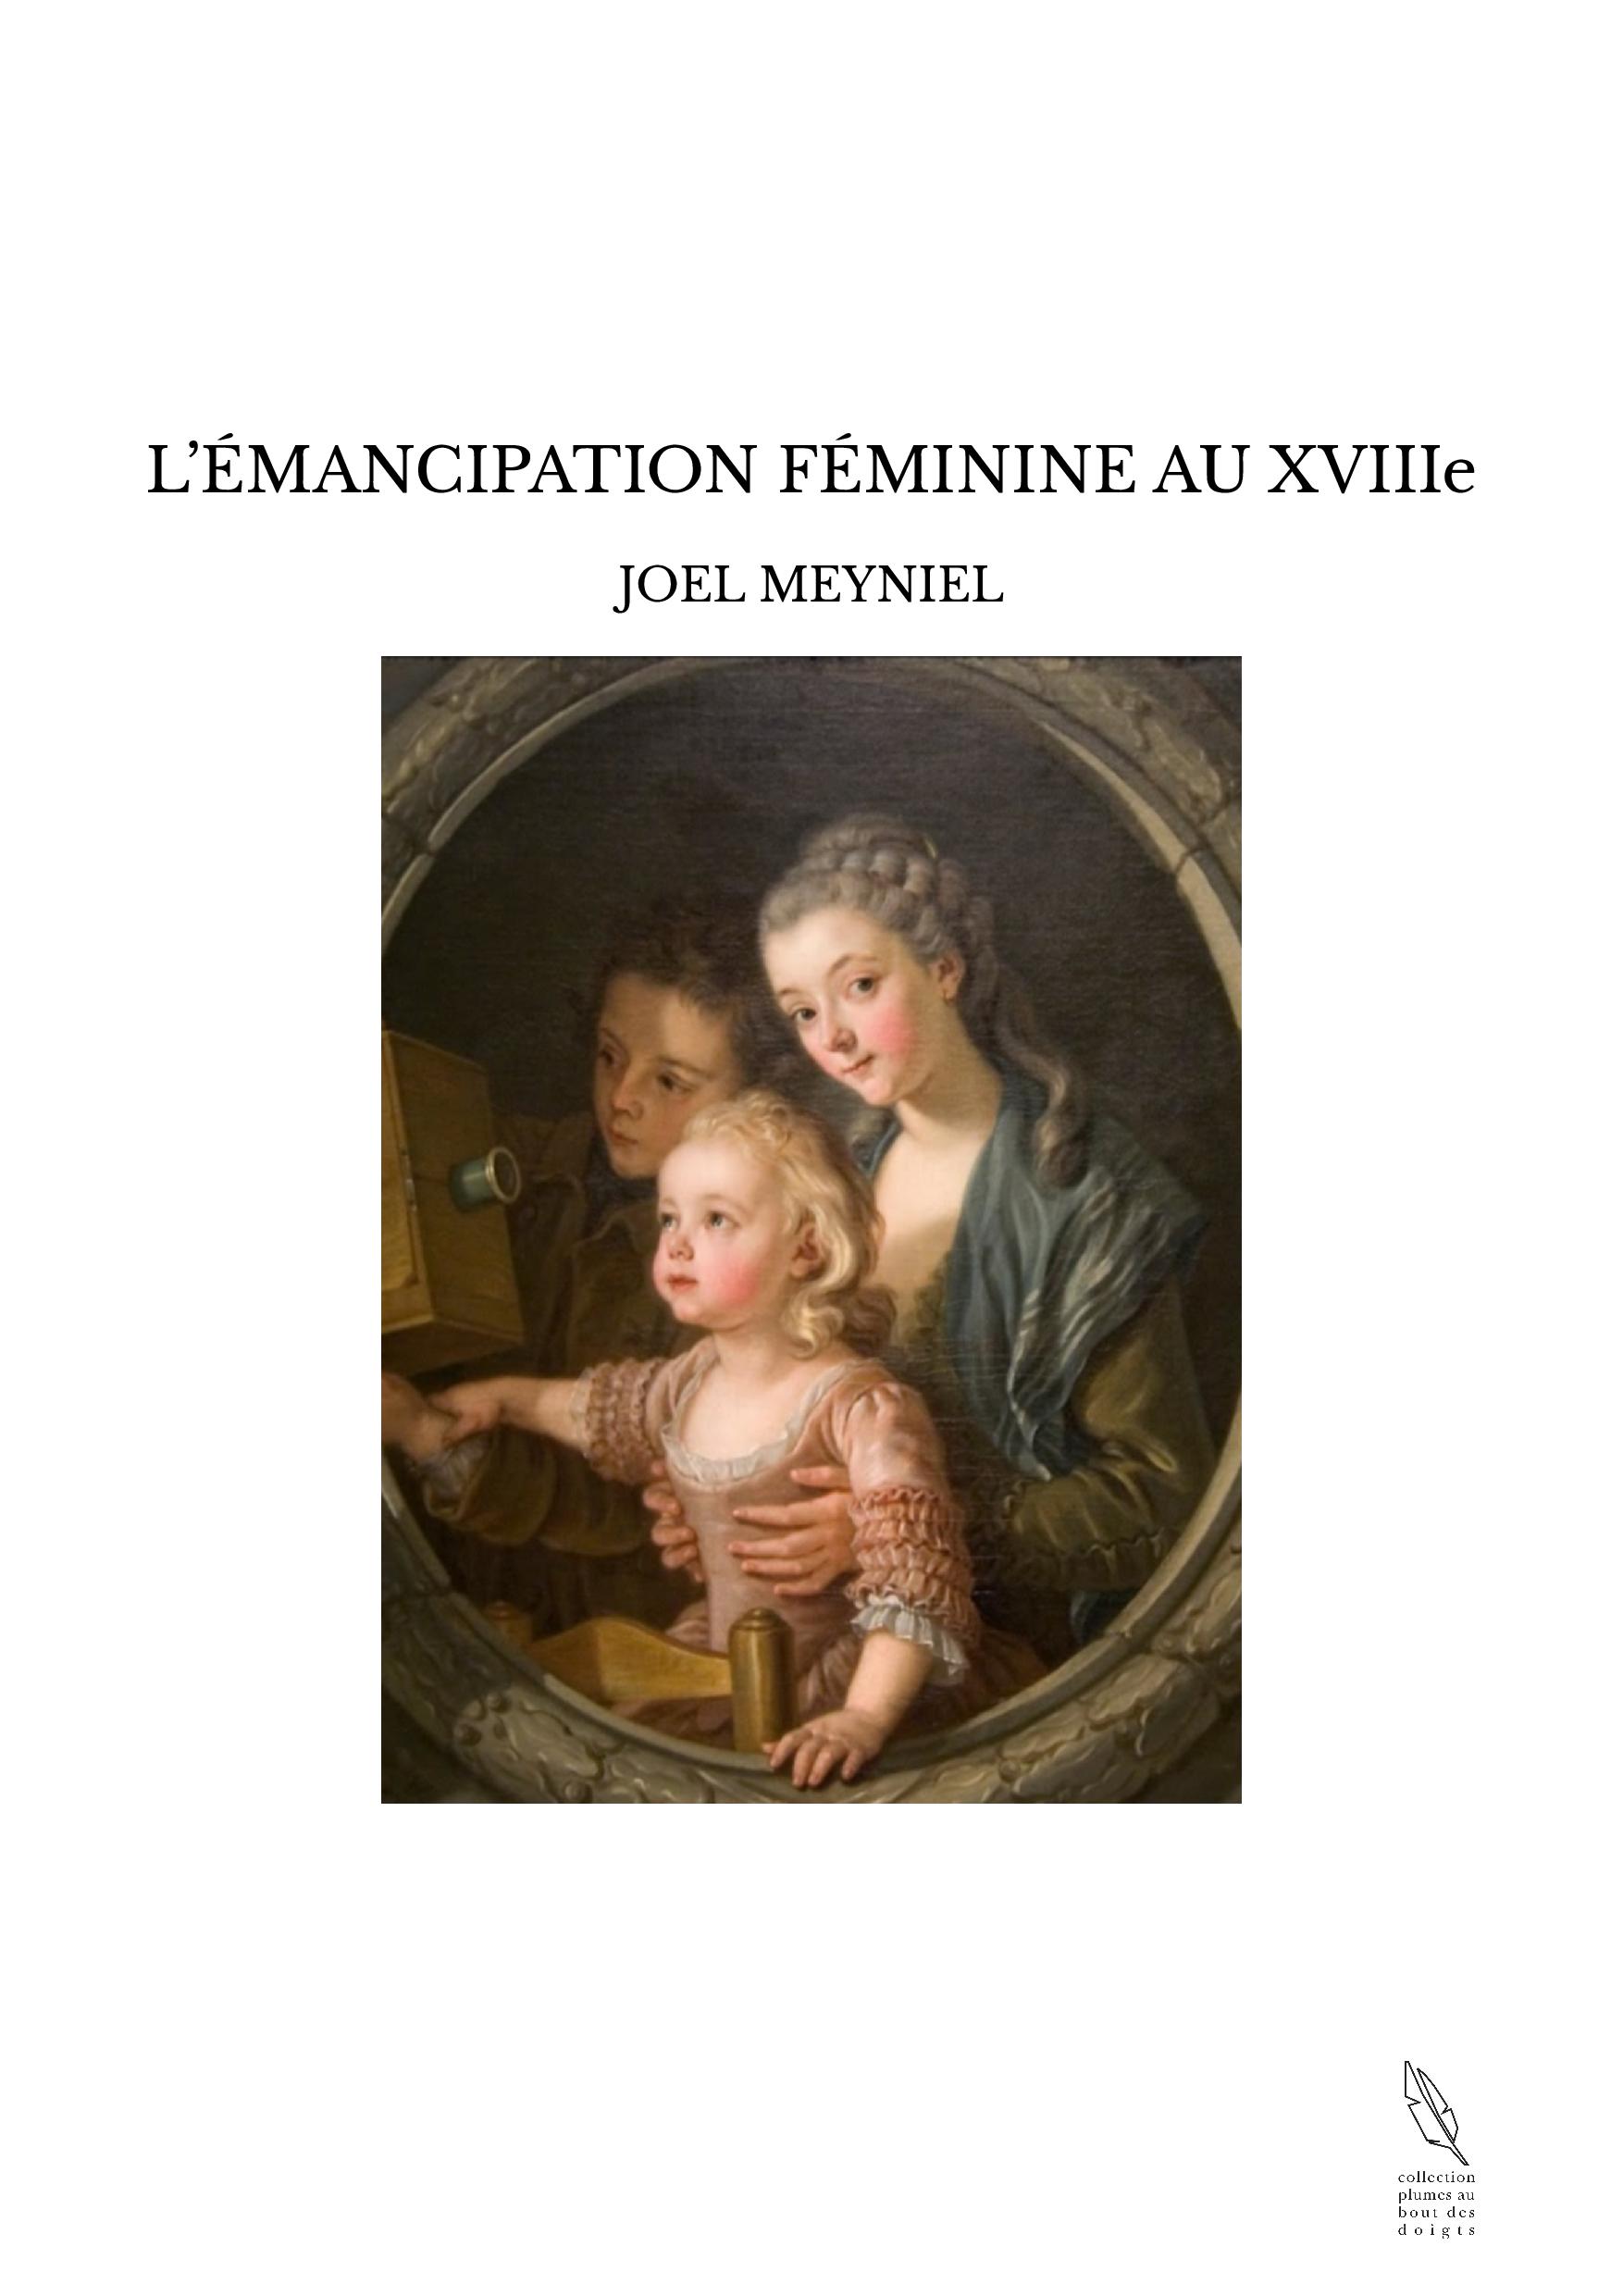 L'ÉMANCIPATION FÉMININE AU XVIIIe